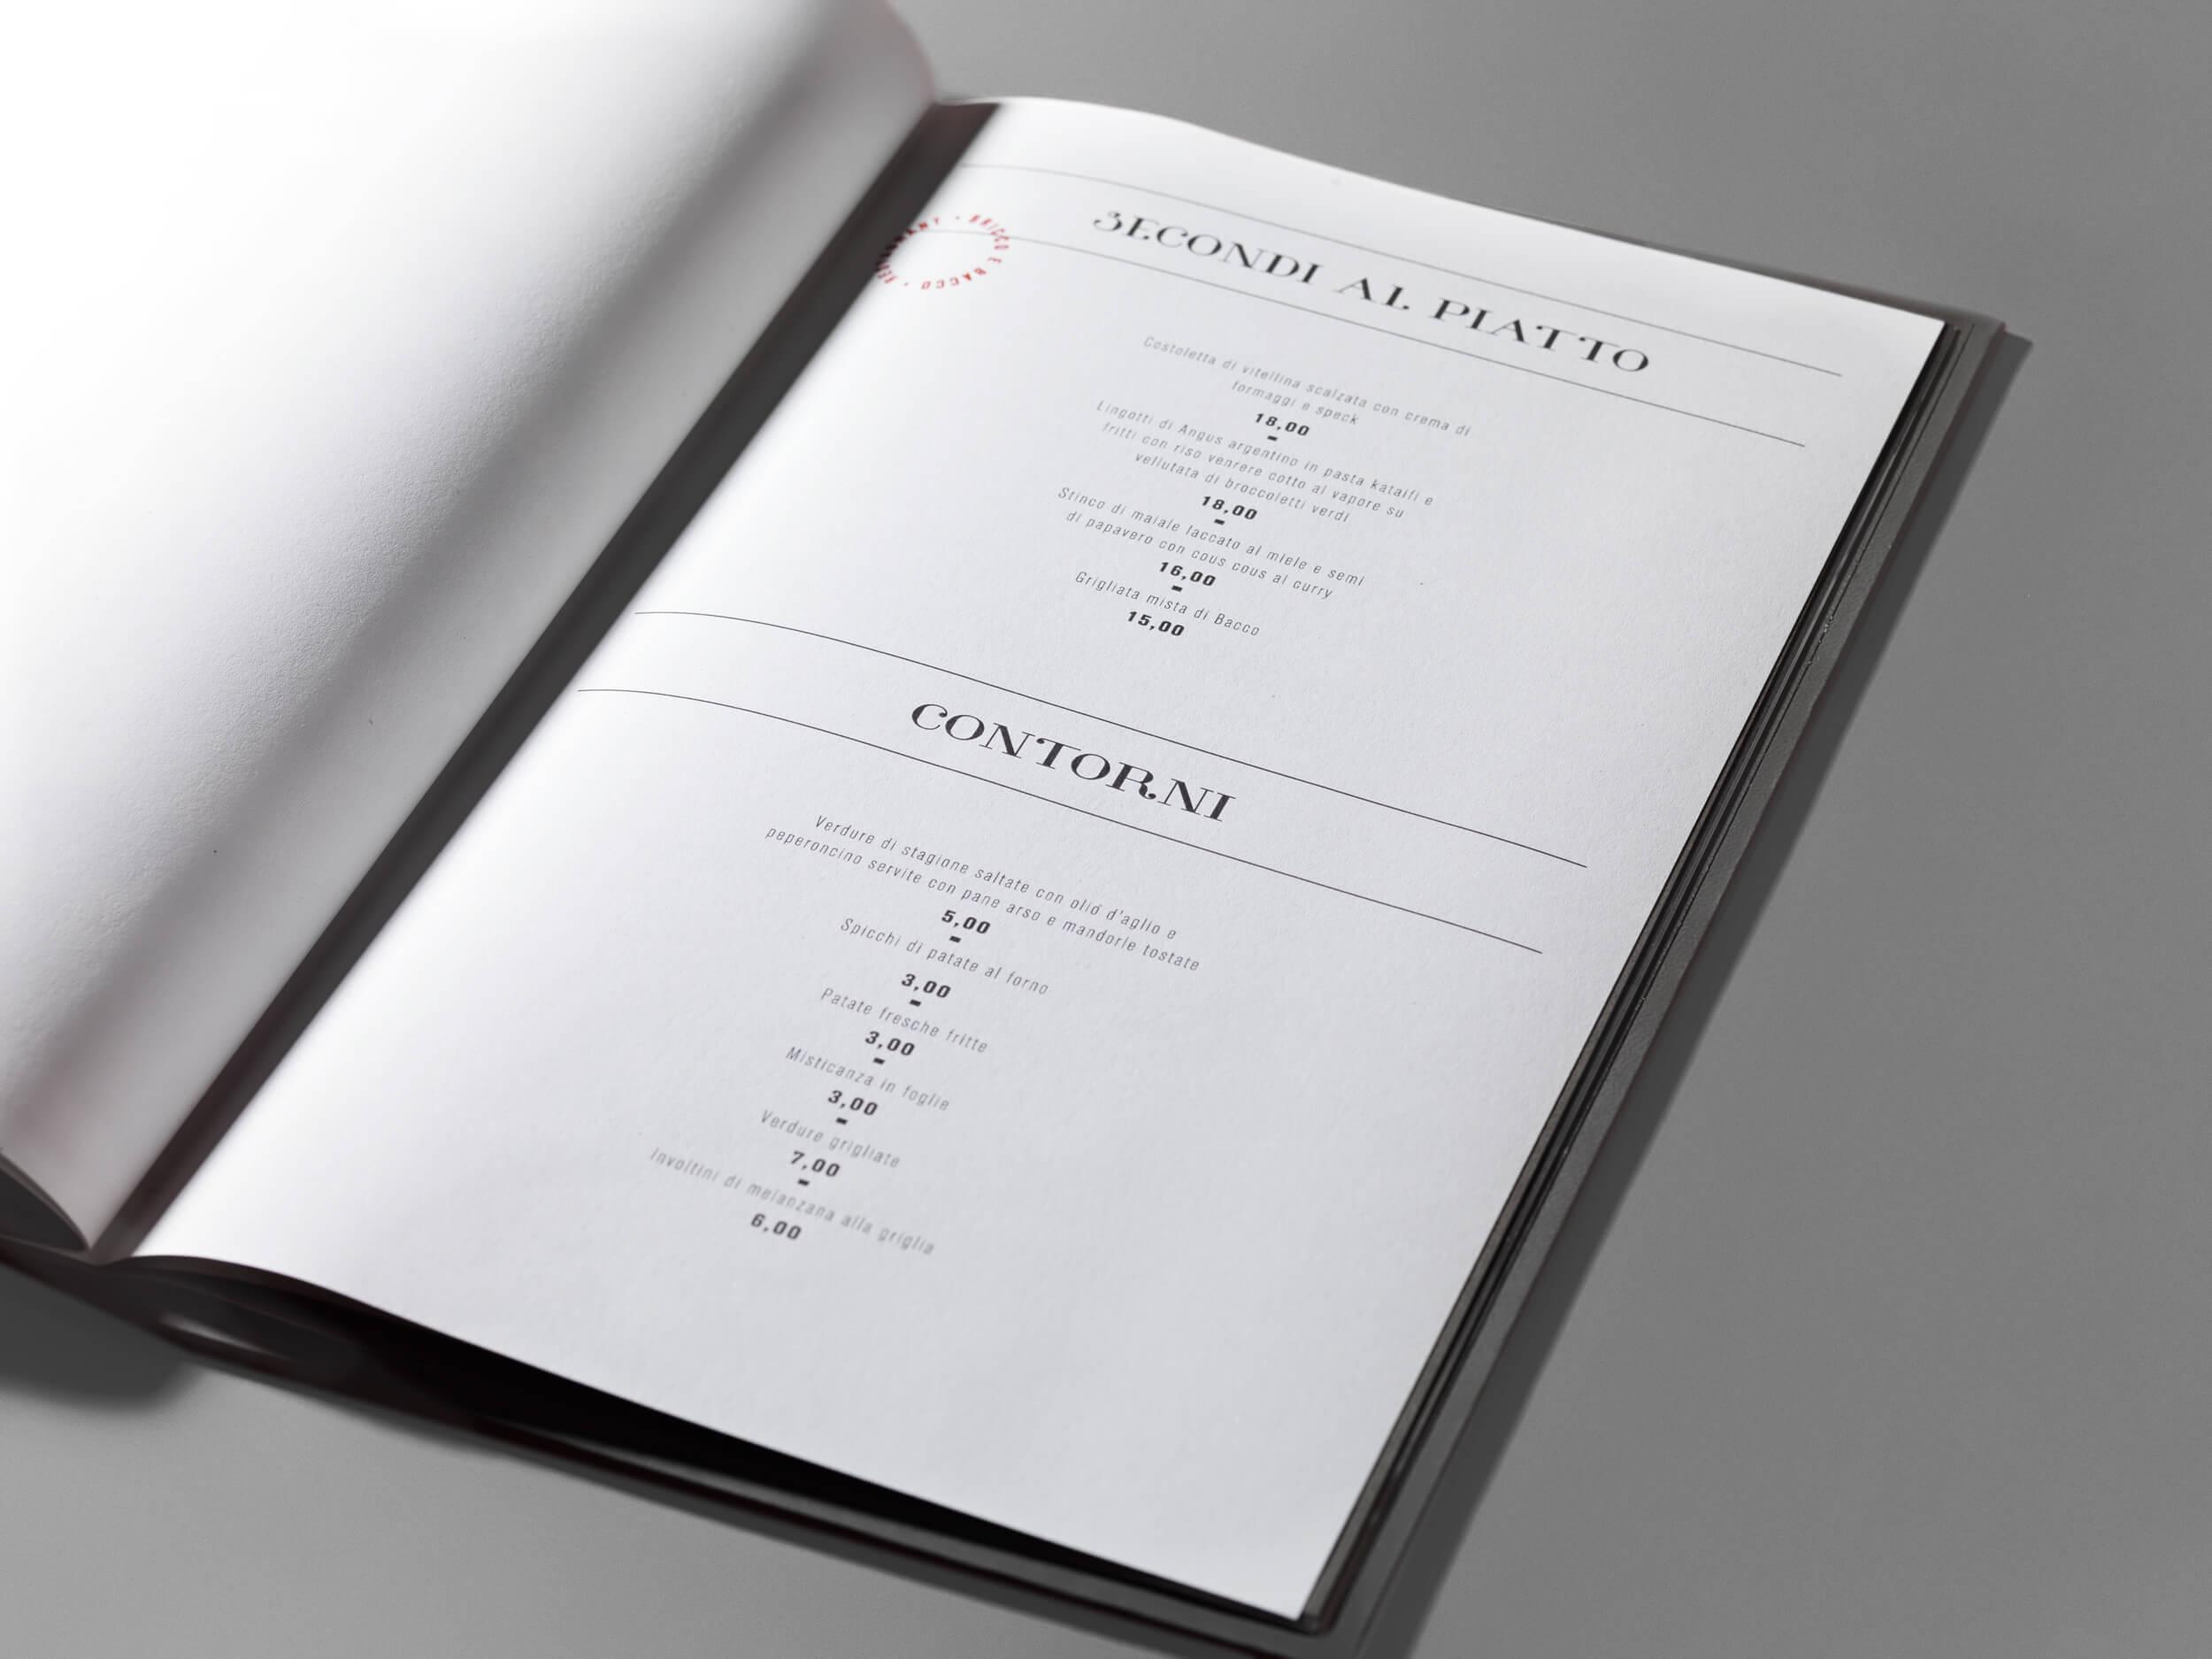 bbadv-menu-bricco-e-bacco-close-up-04